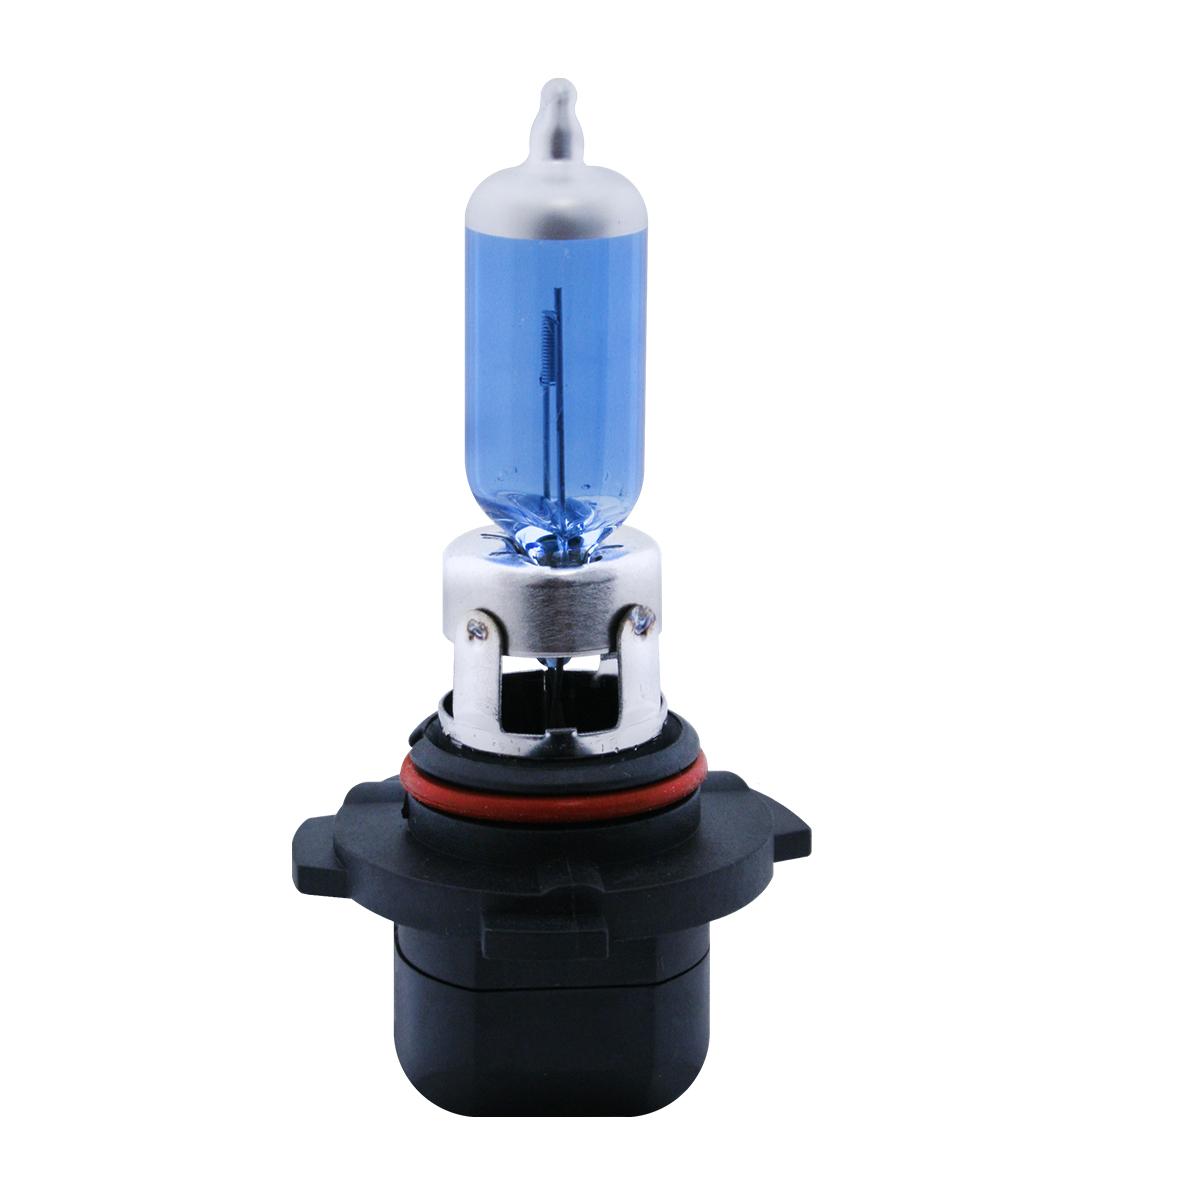 H10 Headlight Halogen Bulb Grand General Auto Parts